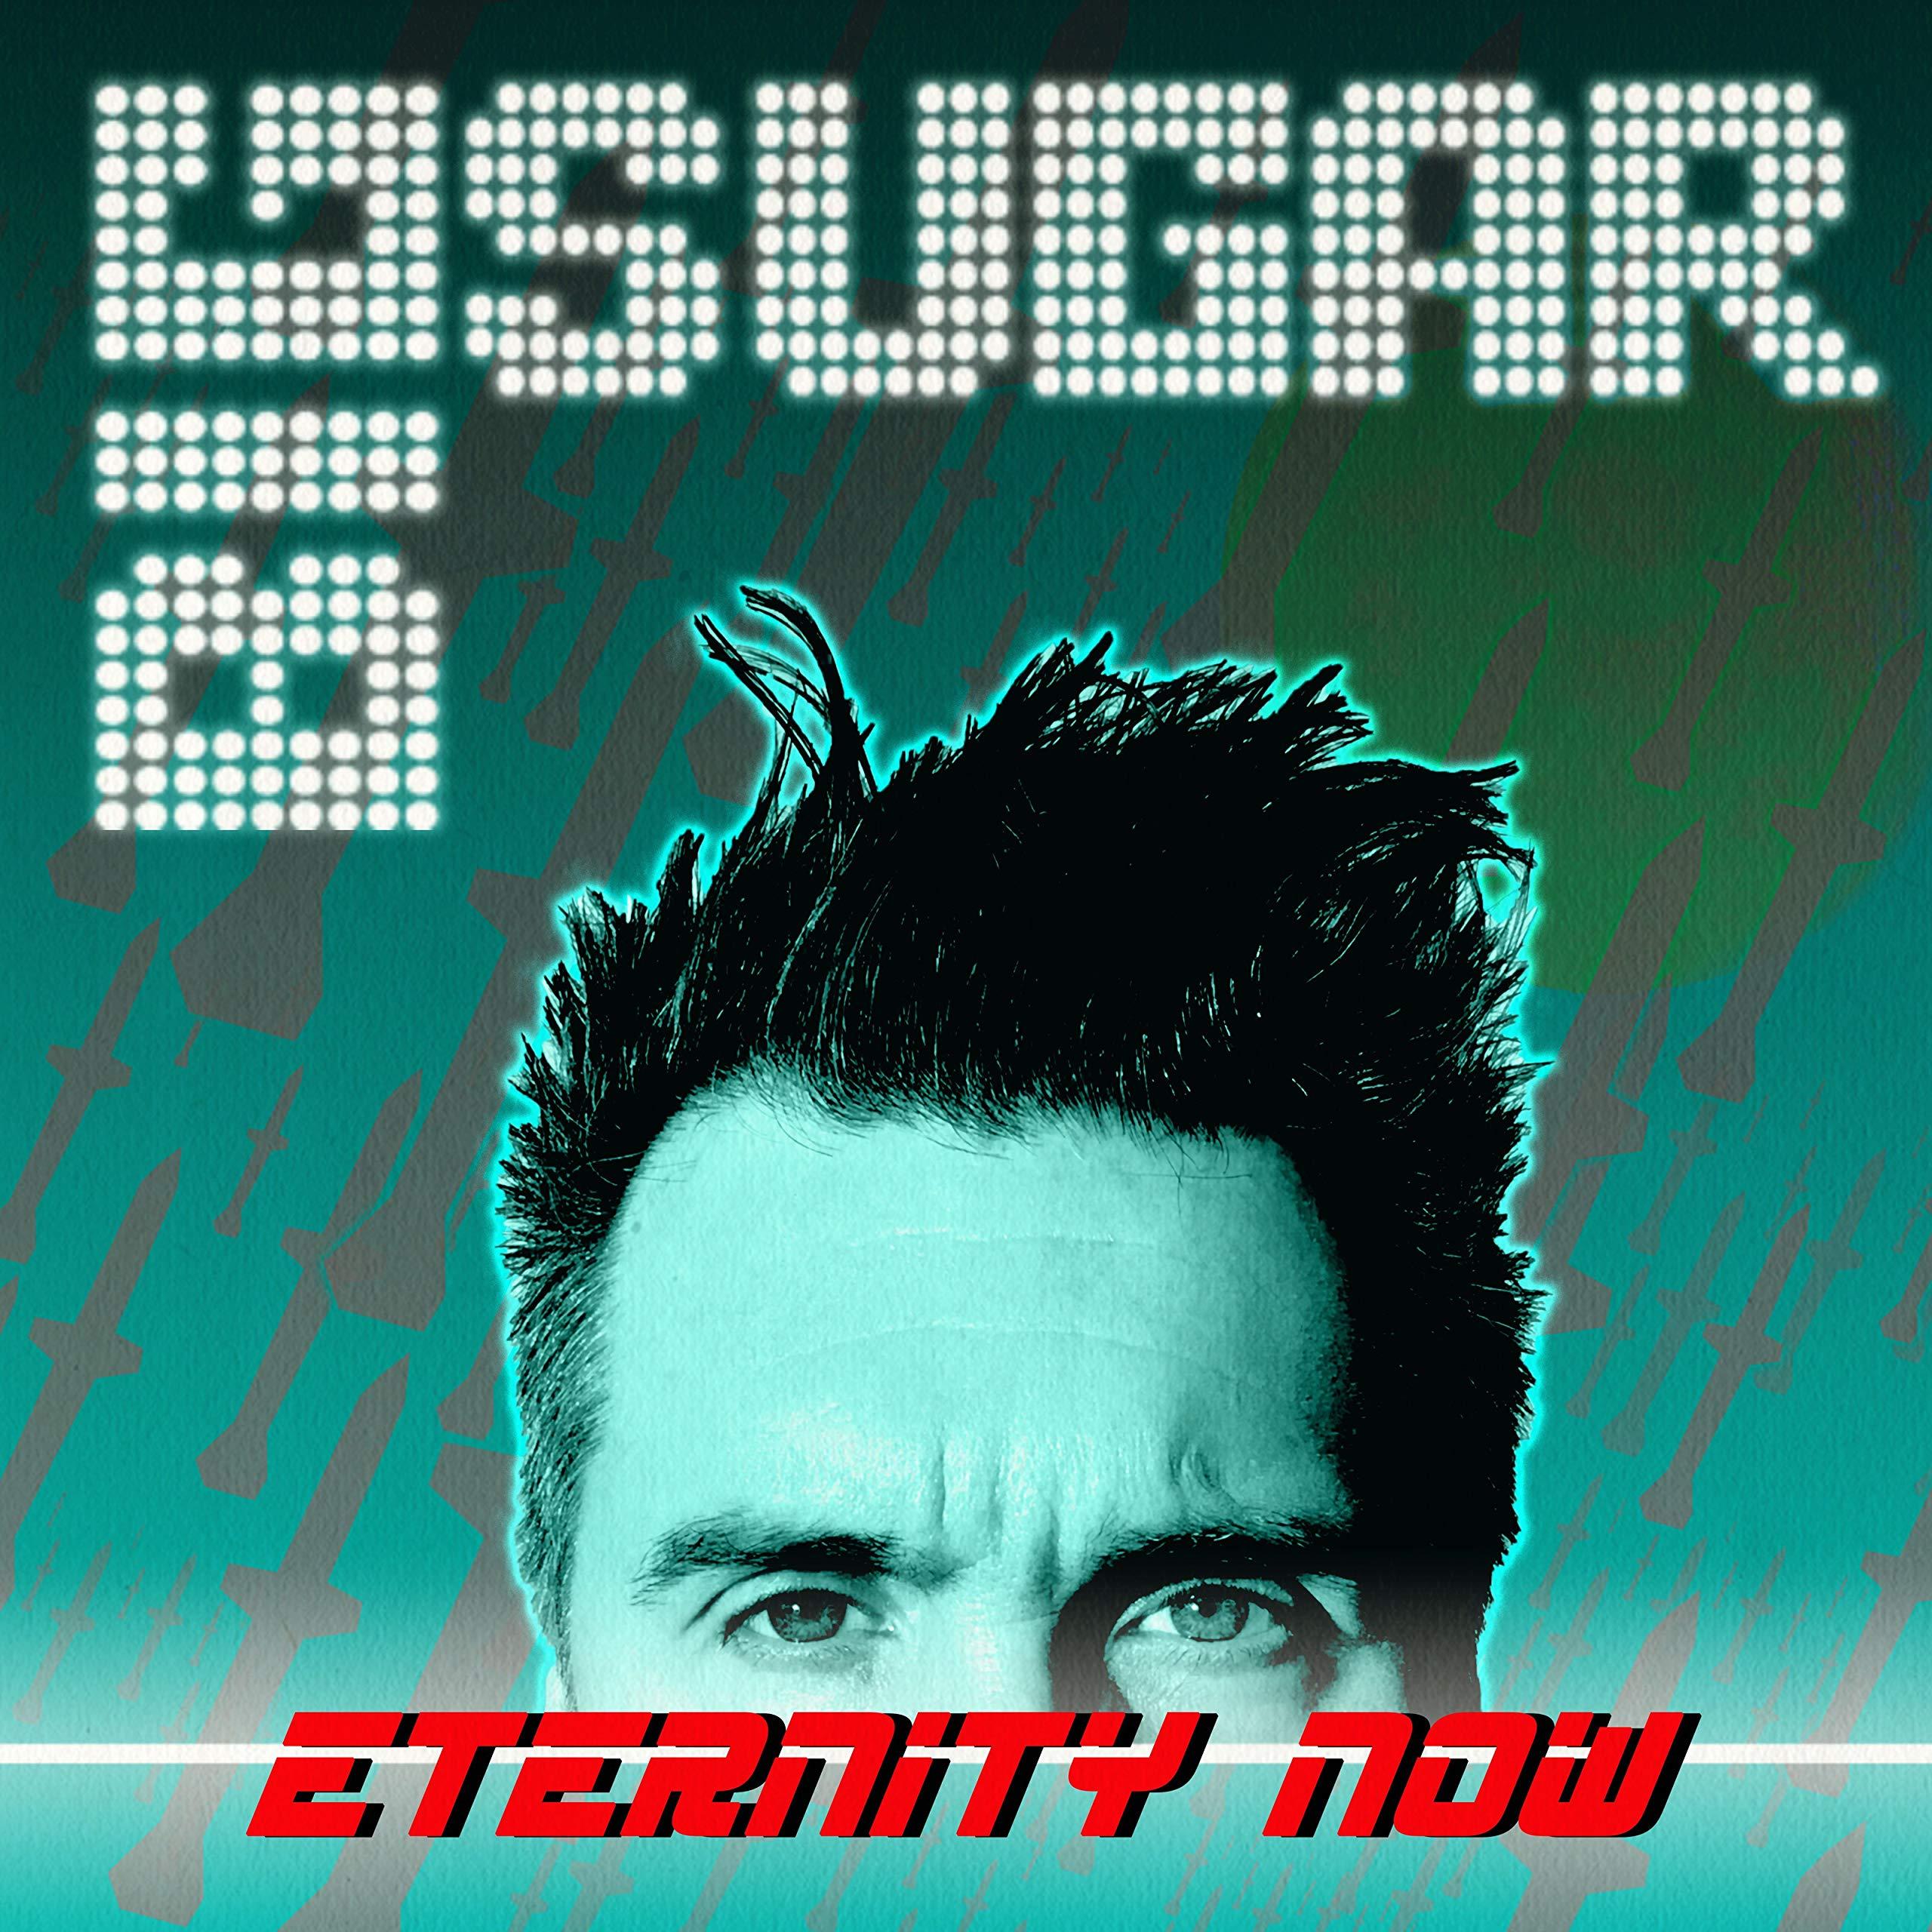 Big Sugar - Eternity Now (2020) [FLAC] Download